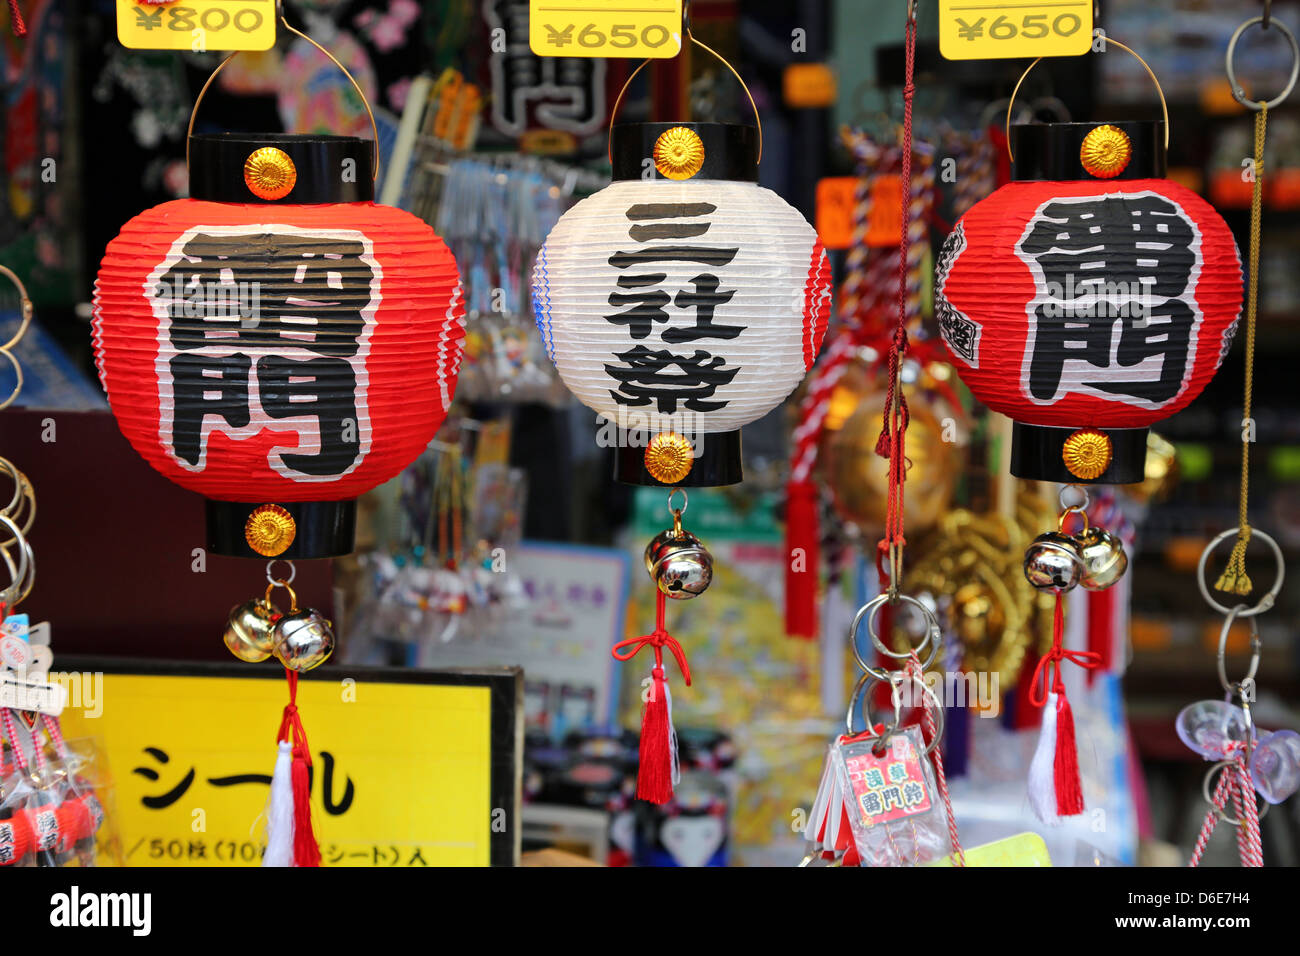 Paper Japanese lanterns in Asakusa, Tokyo, Japan - Stock Image